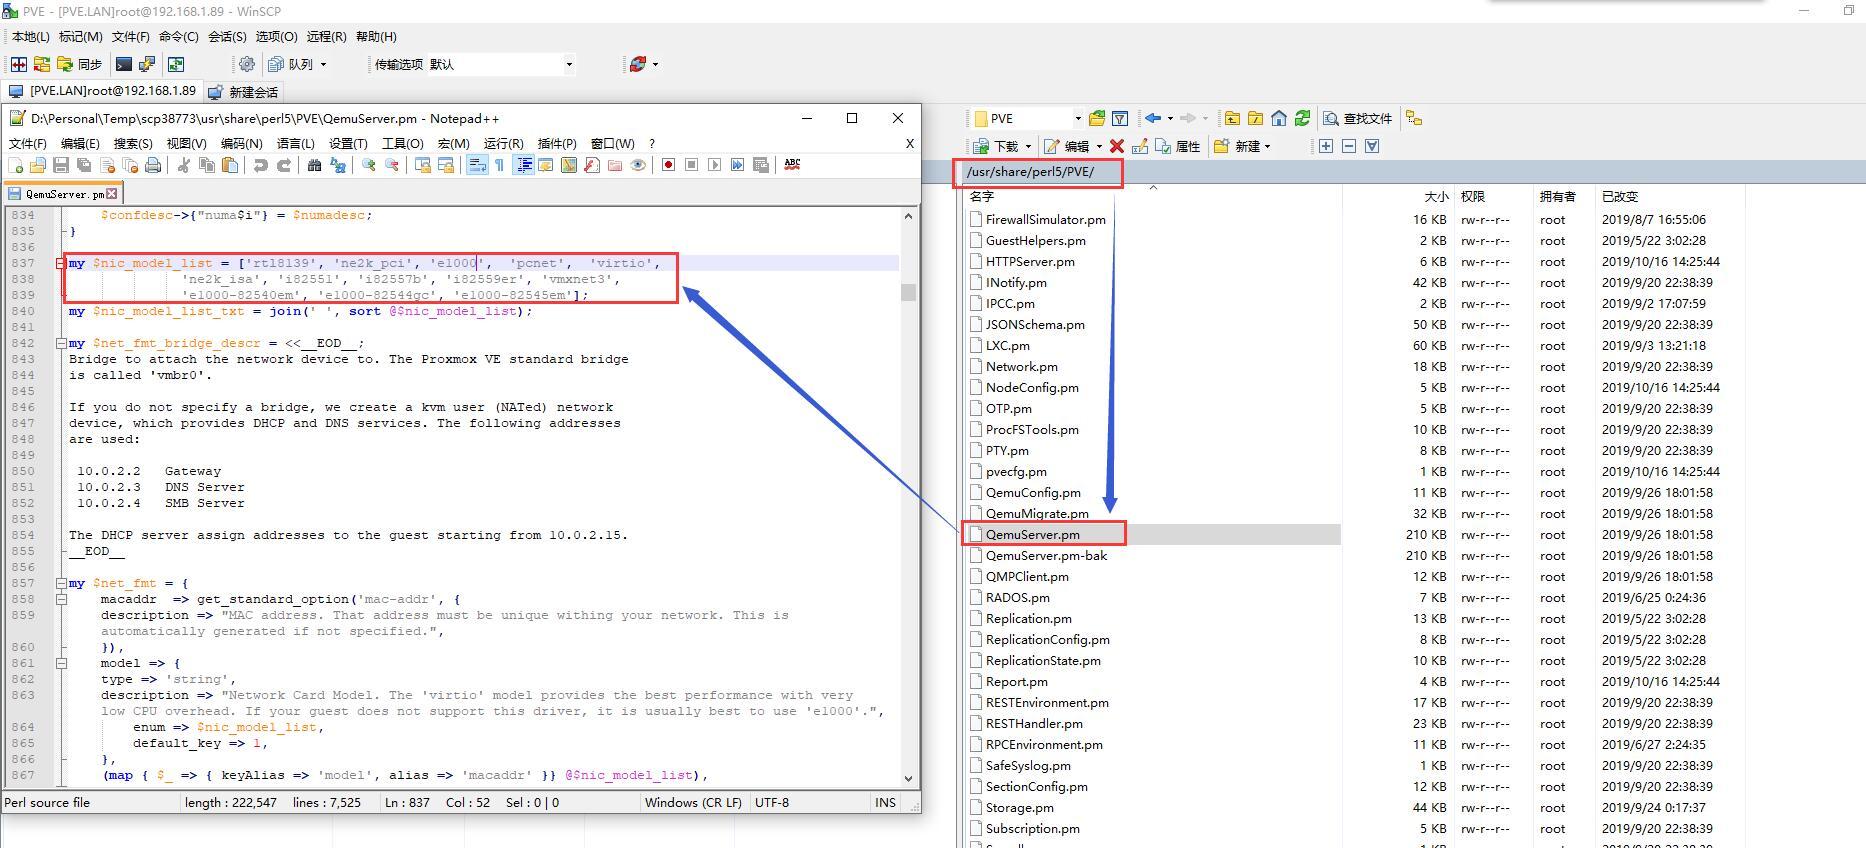 给ProxmoxVE (PVE)的网络模型添加E1000e网卡,让你的DSM支持最新版本